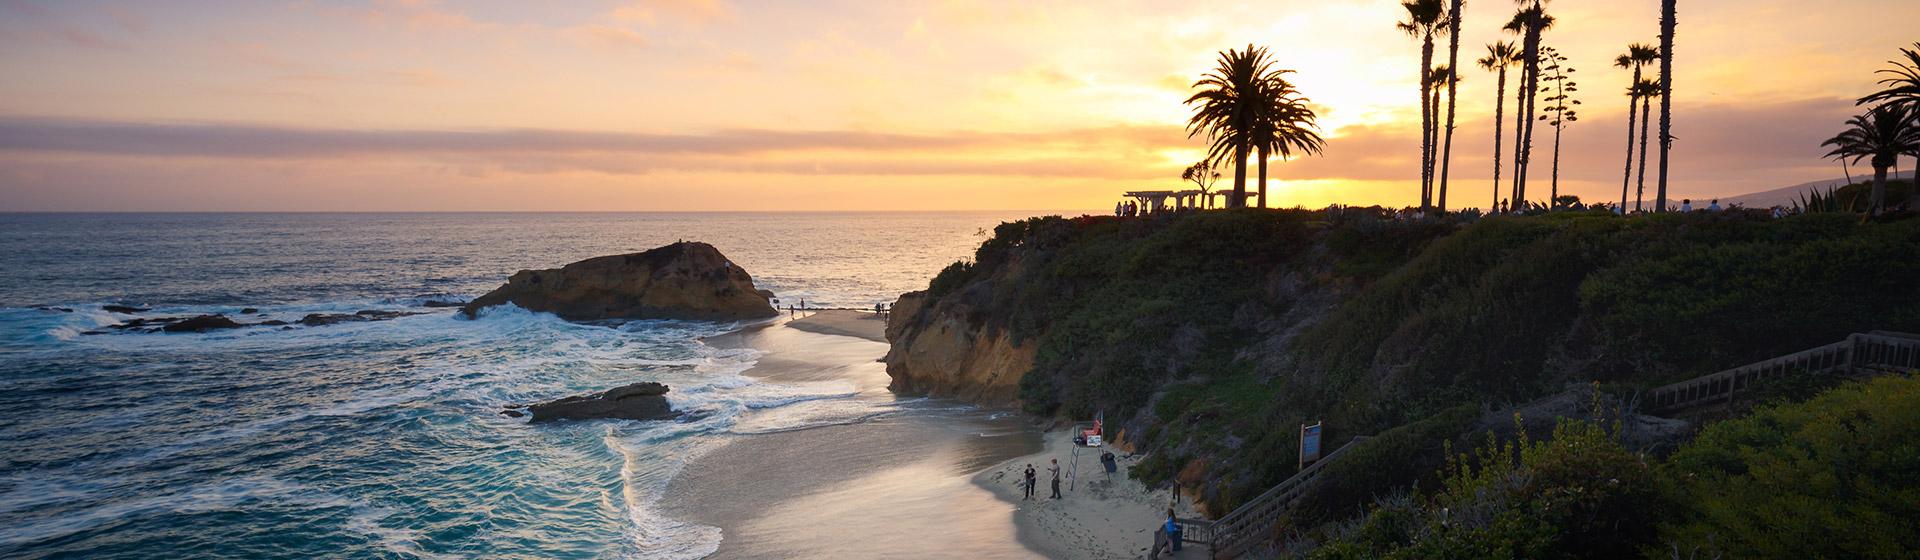 Solnedgång vid Kaliforniens kust.